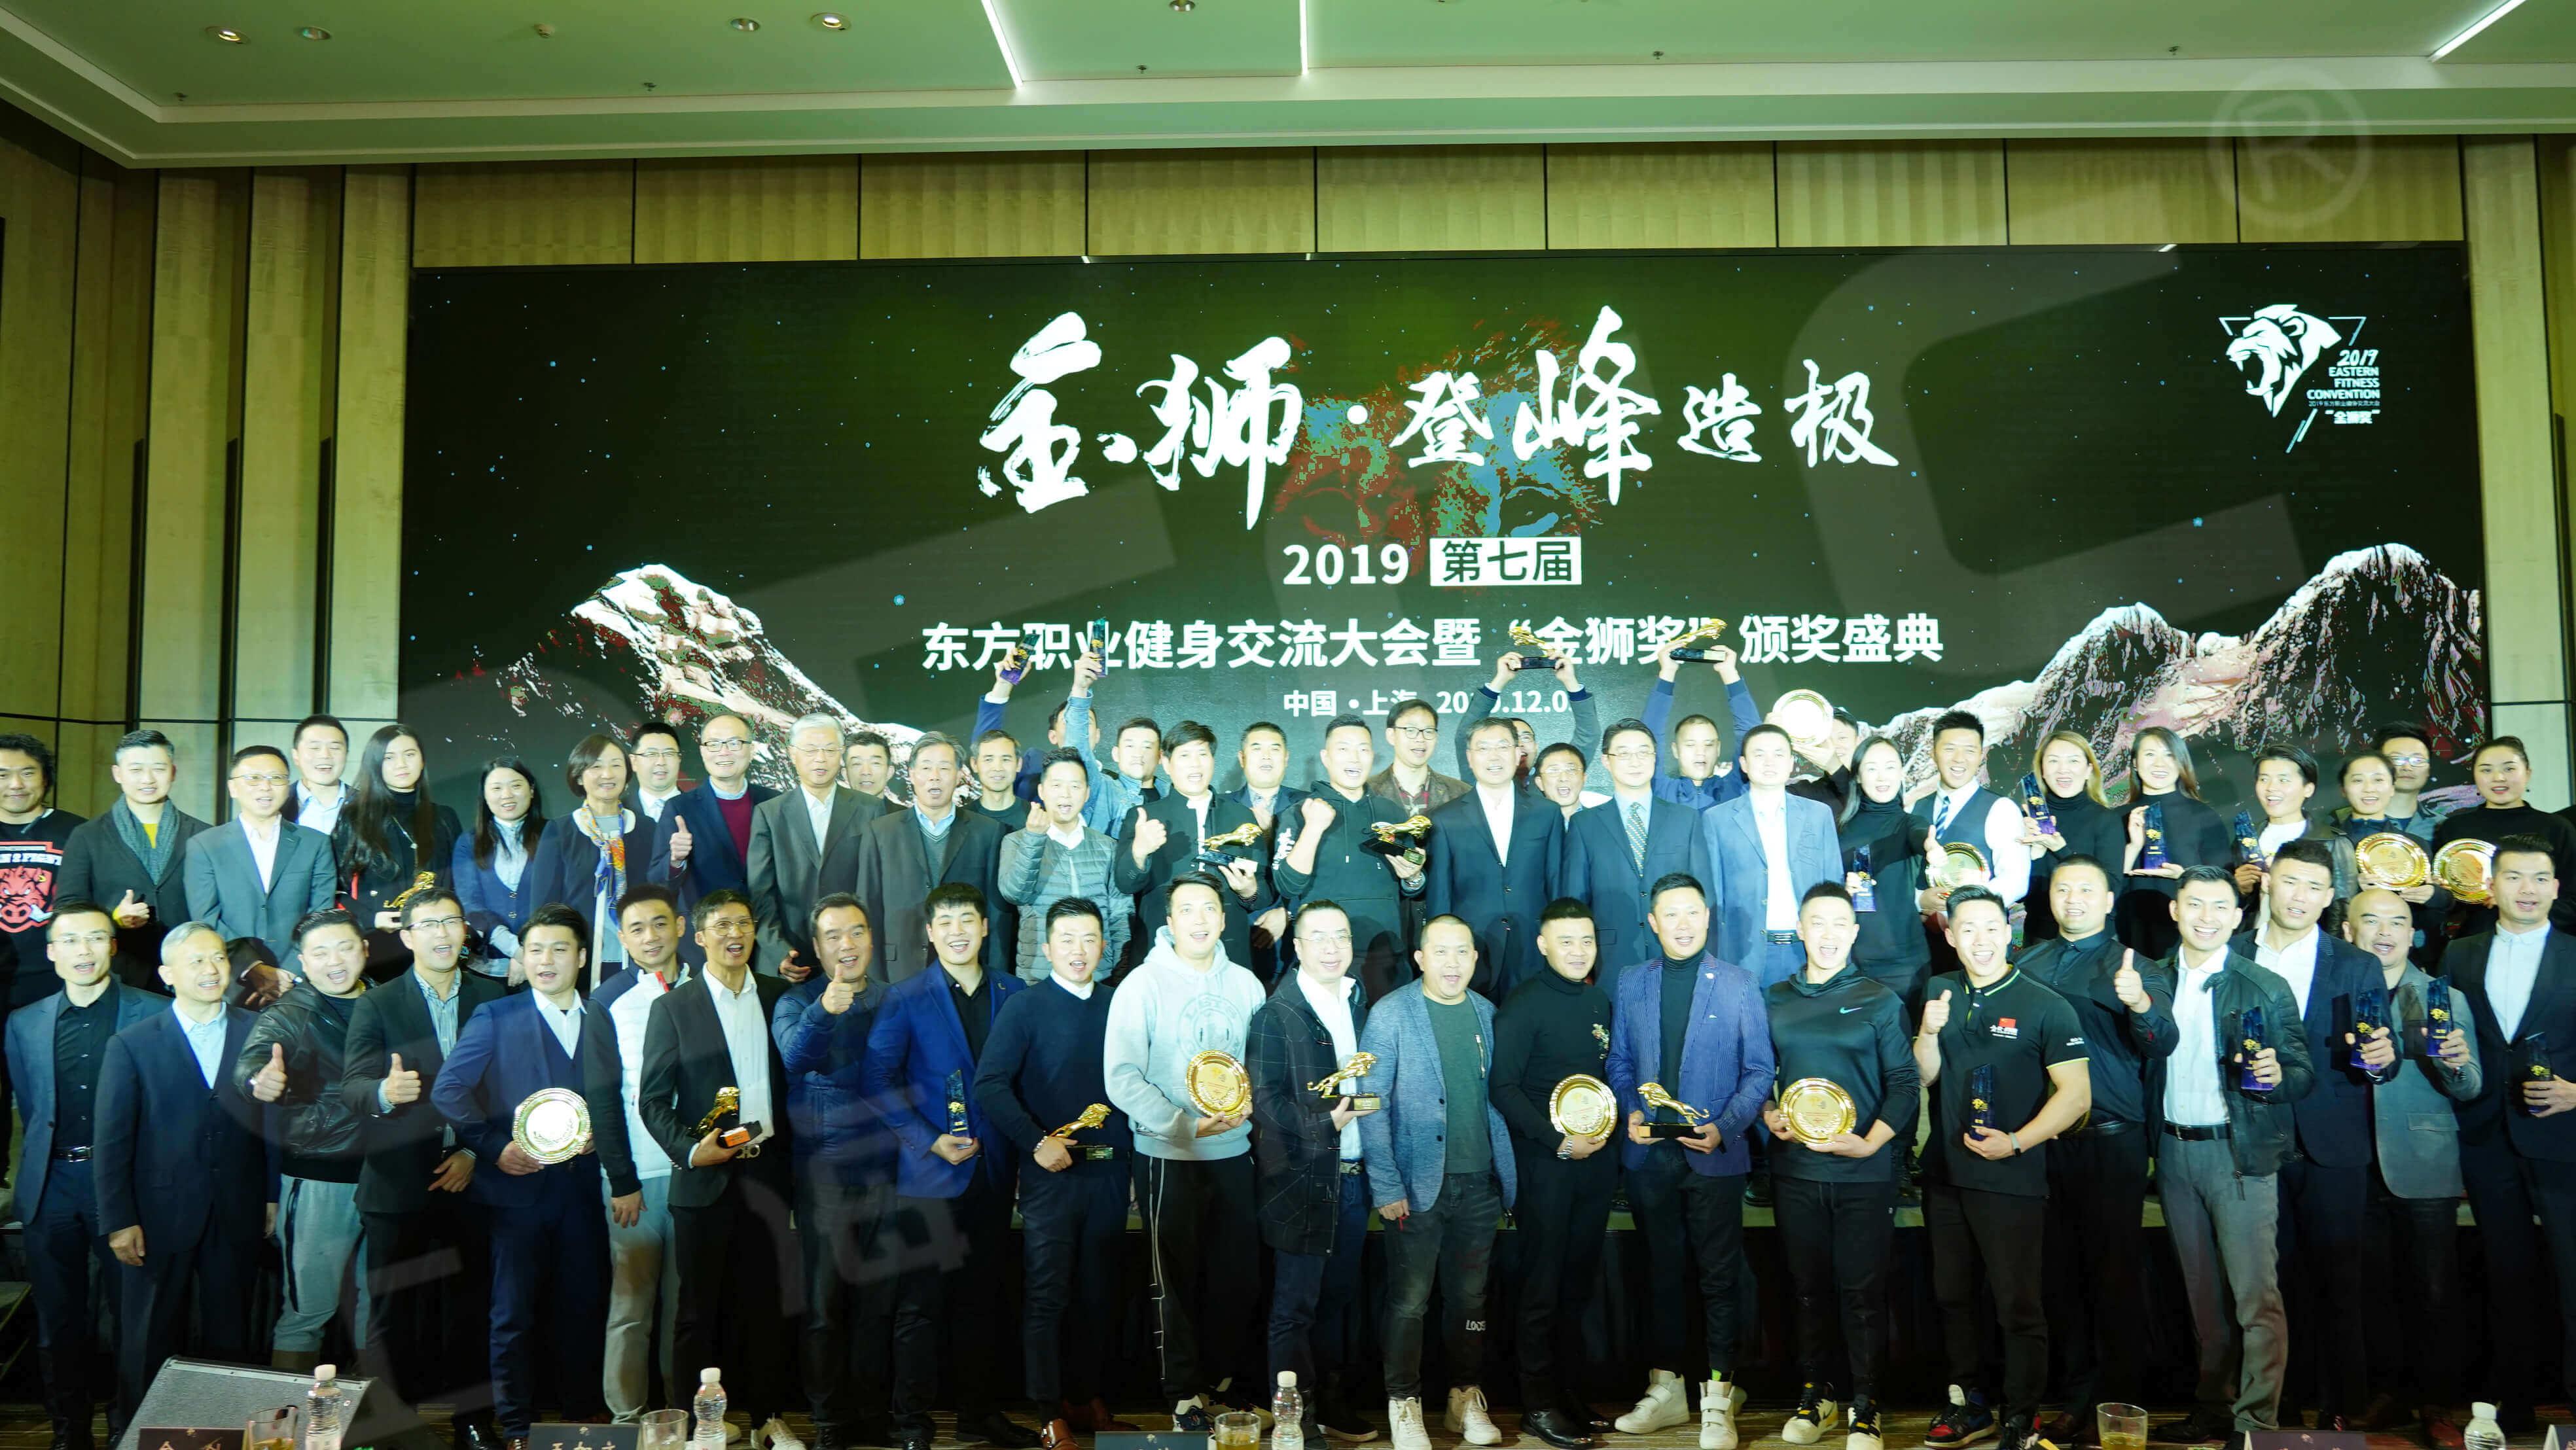 第七届东方职业健身交流大会暨金狮奖颁奖盛典合照